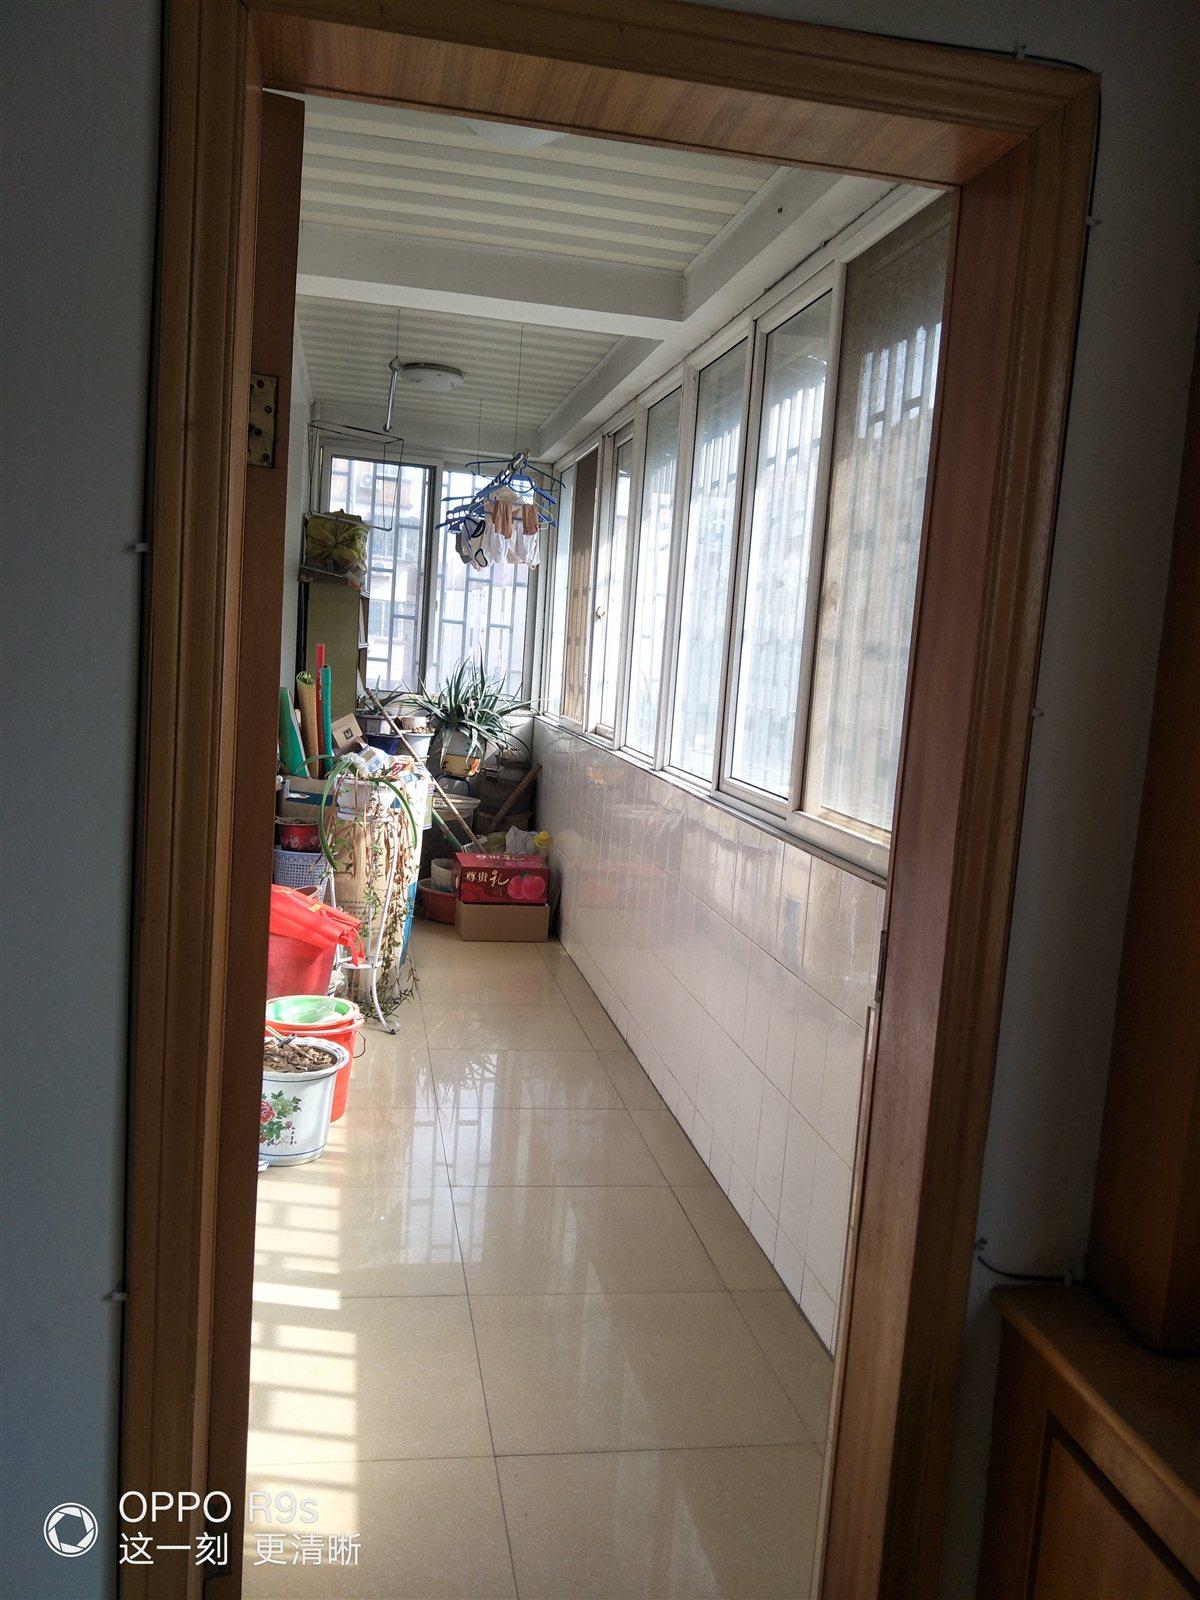 教育小区3室 2厅 1卫50万元